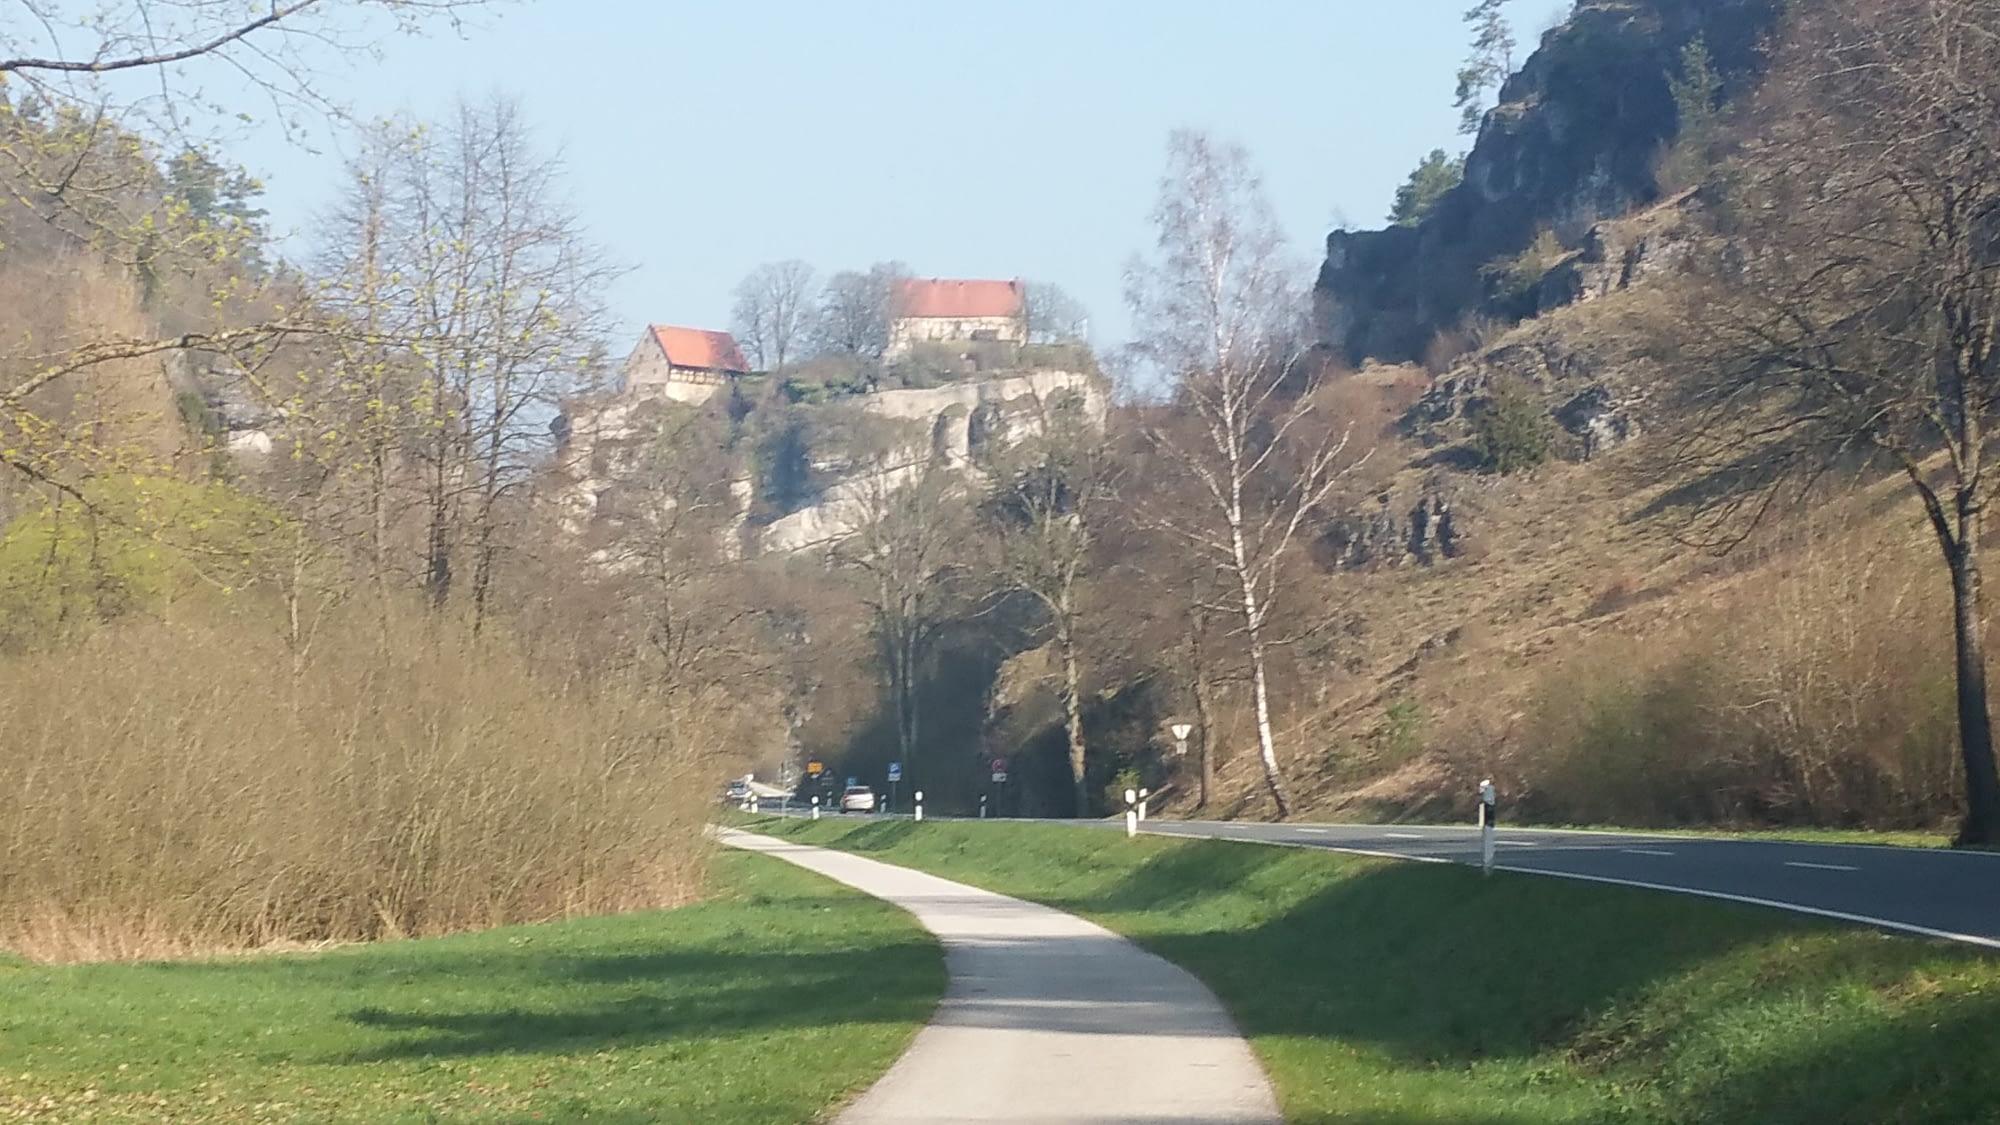 Pottenstein - Blick von der Bundesstraße auf die Burg